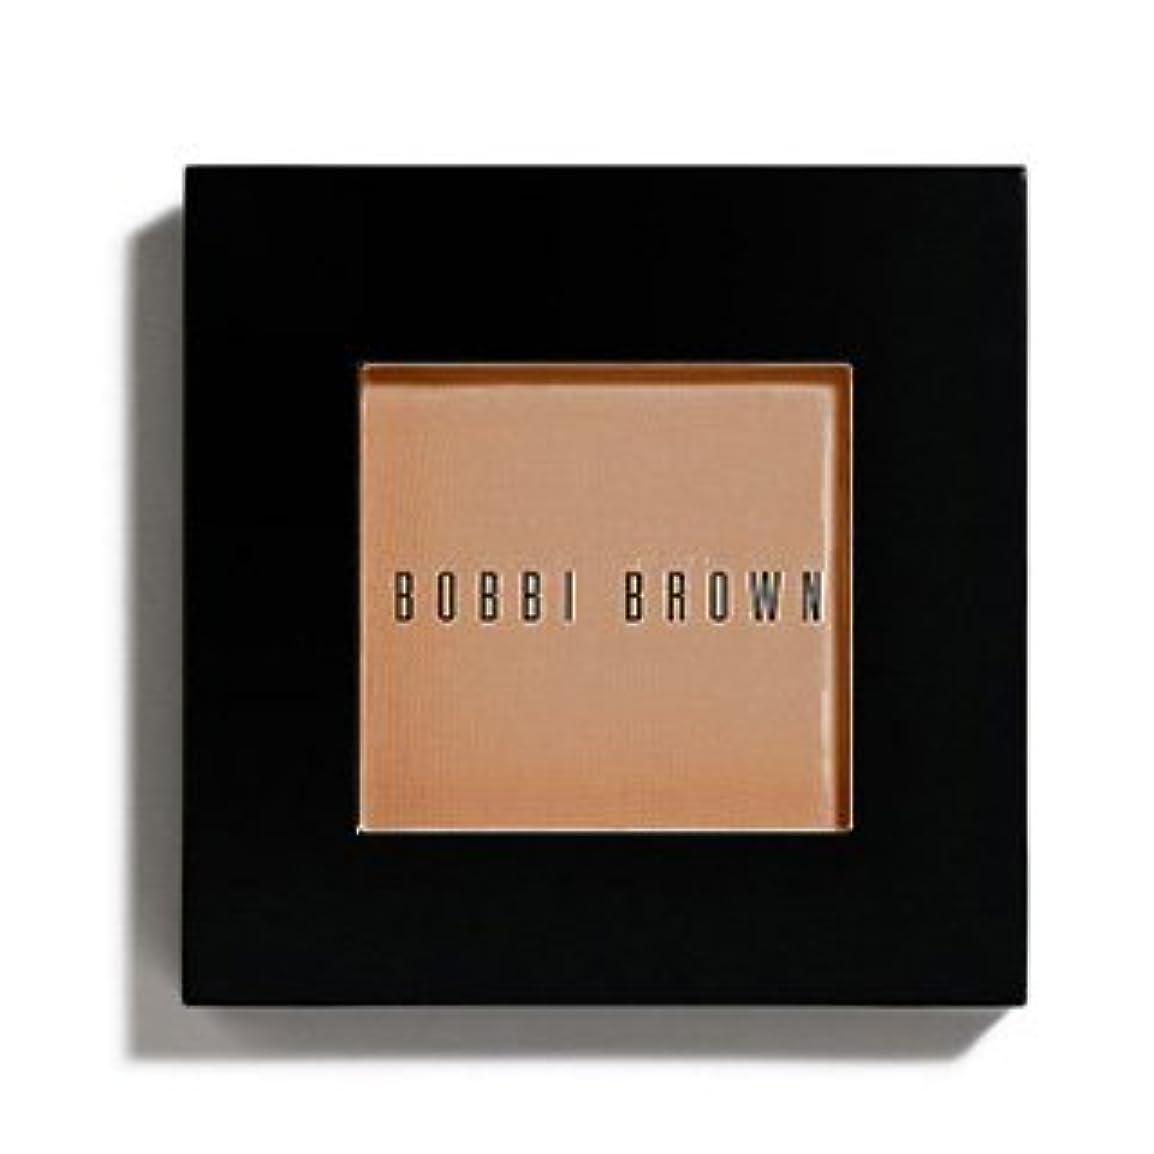 主張ペーストフォージBOBBI BROWN ボビイ ブラウン アイシャドウ #14 Toast 2.5g [並行輸入品]